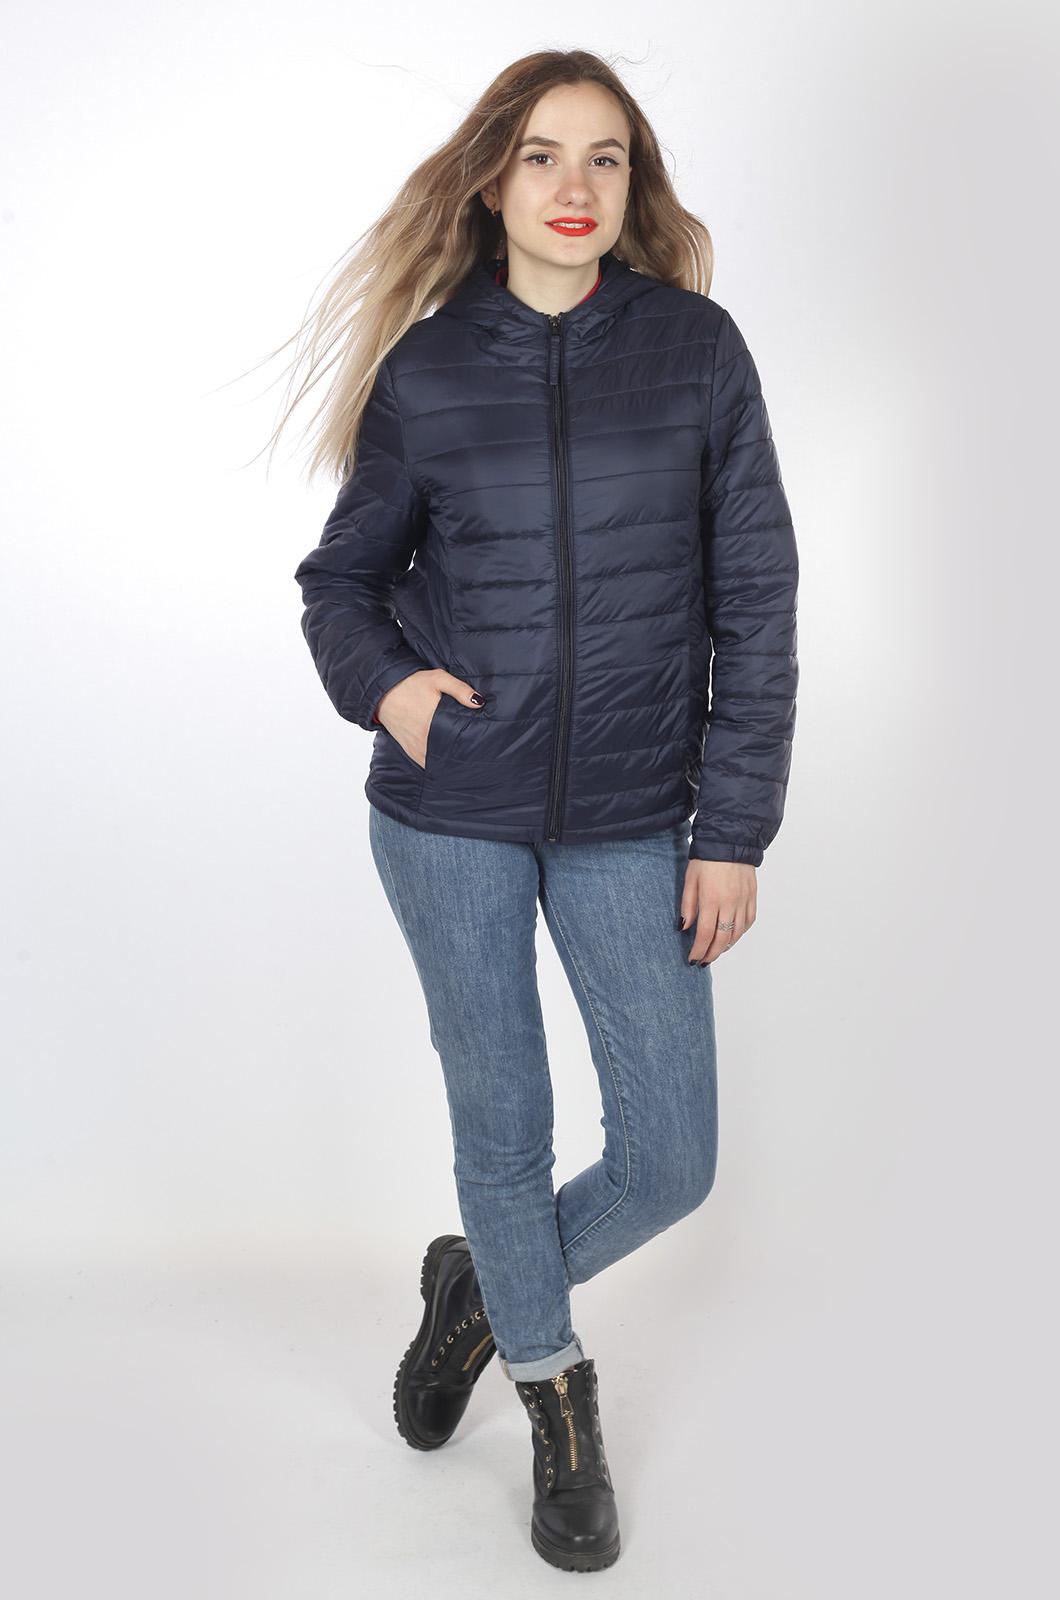 Купить итальянскую трендовую куртку от Iwie по специальной цене